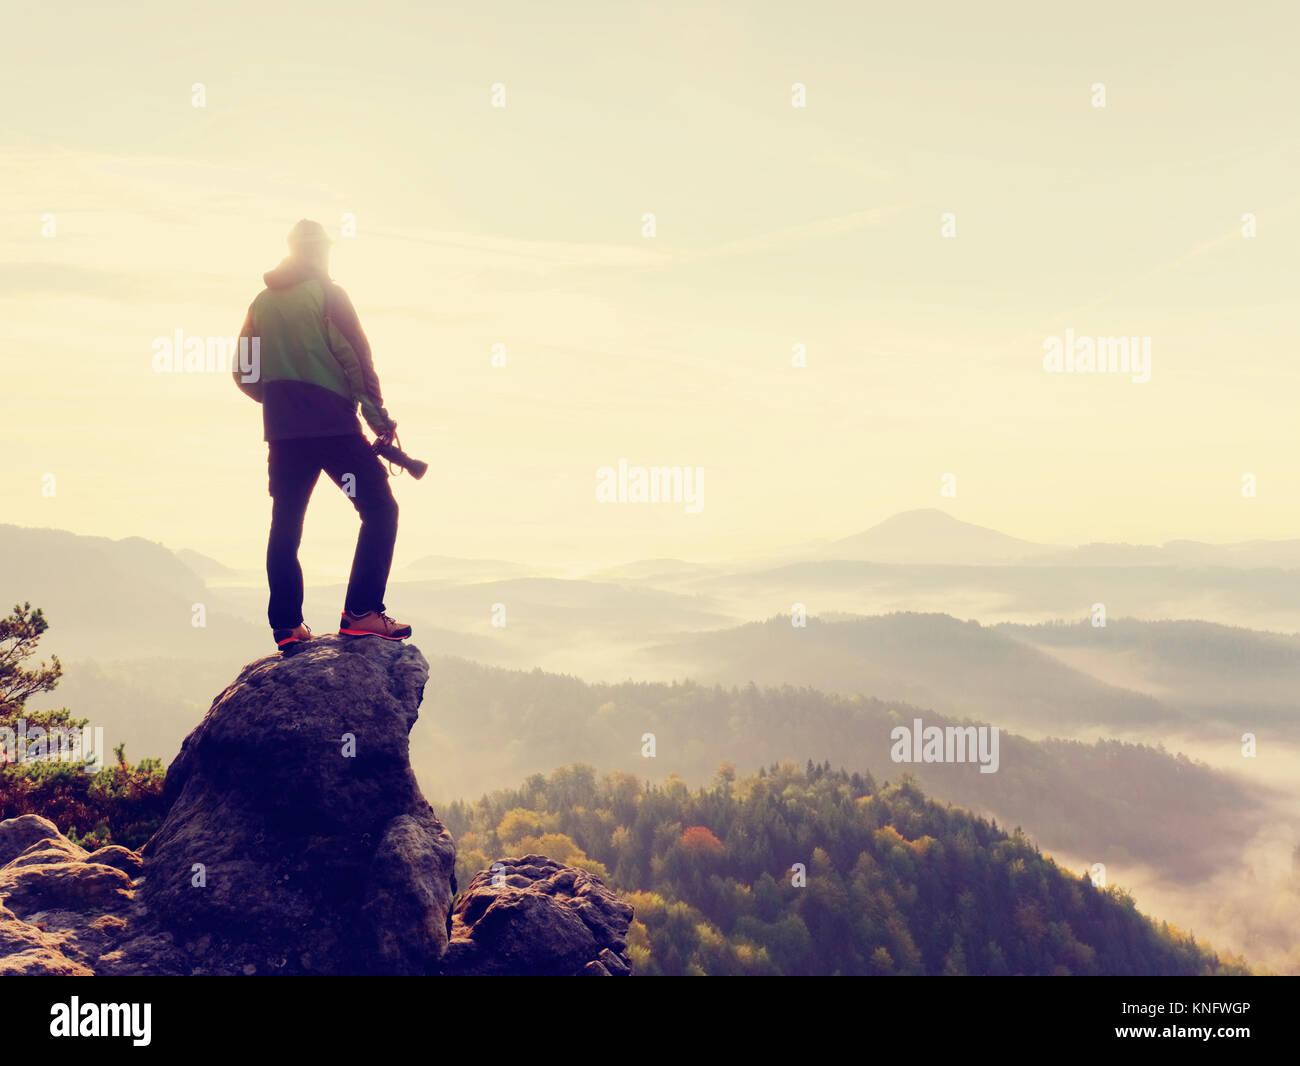 Fotografo di natura in azione. Silhouette uomo al di sopra di una nebbiosa nuvole, mattina paesaggio collinare. Immagini Stock